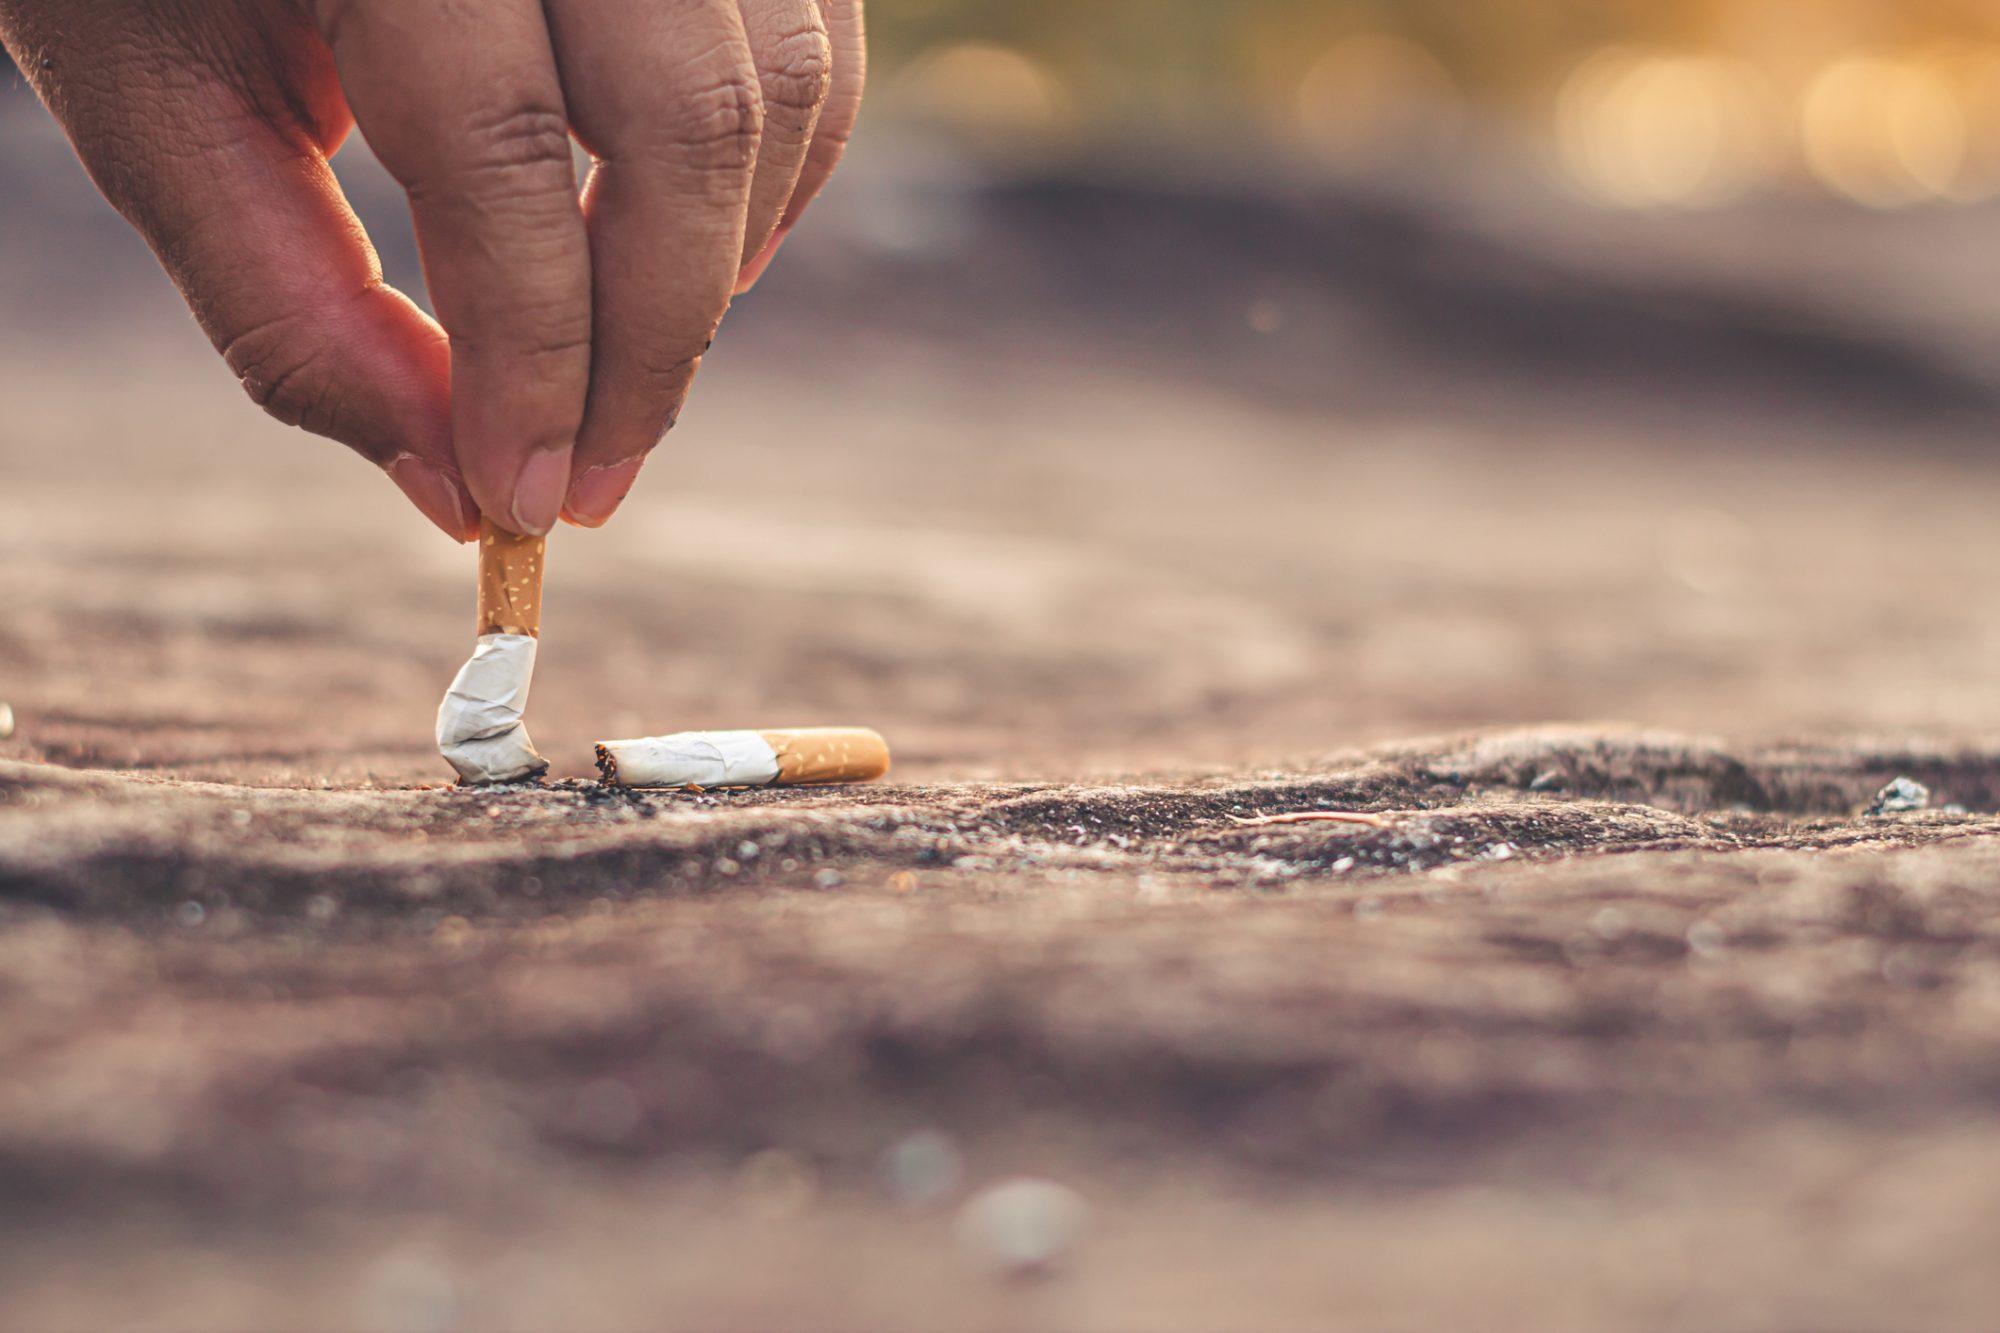 Leszoktam a dohányzásról Szeretném leszokni az ivásról